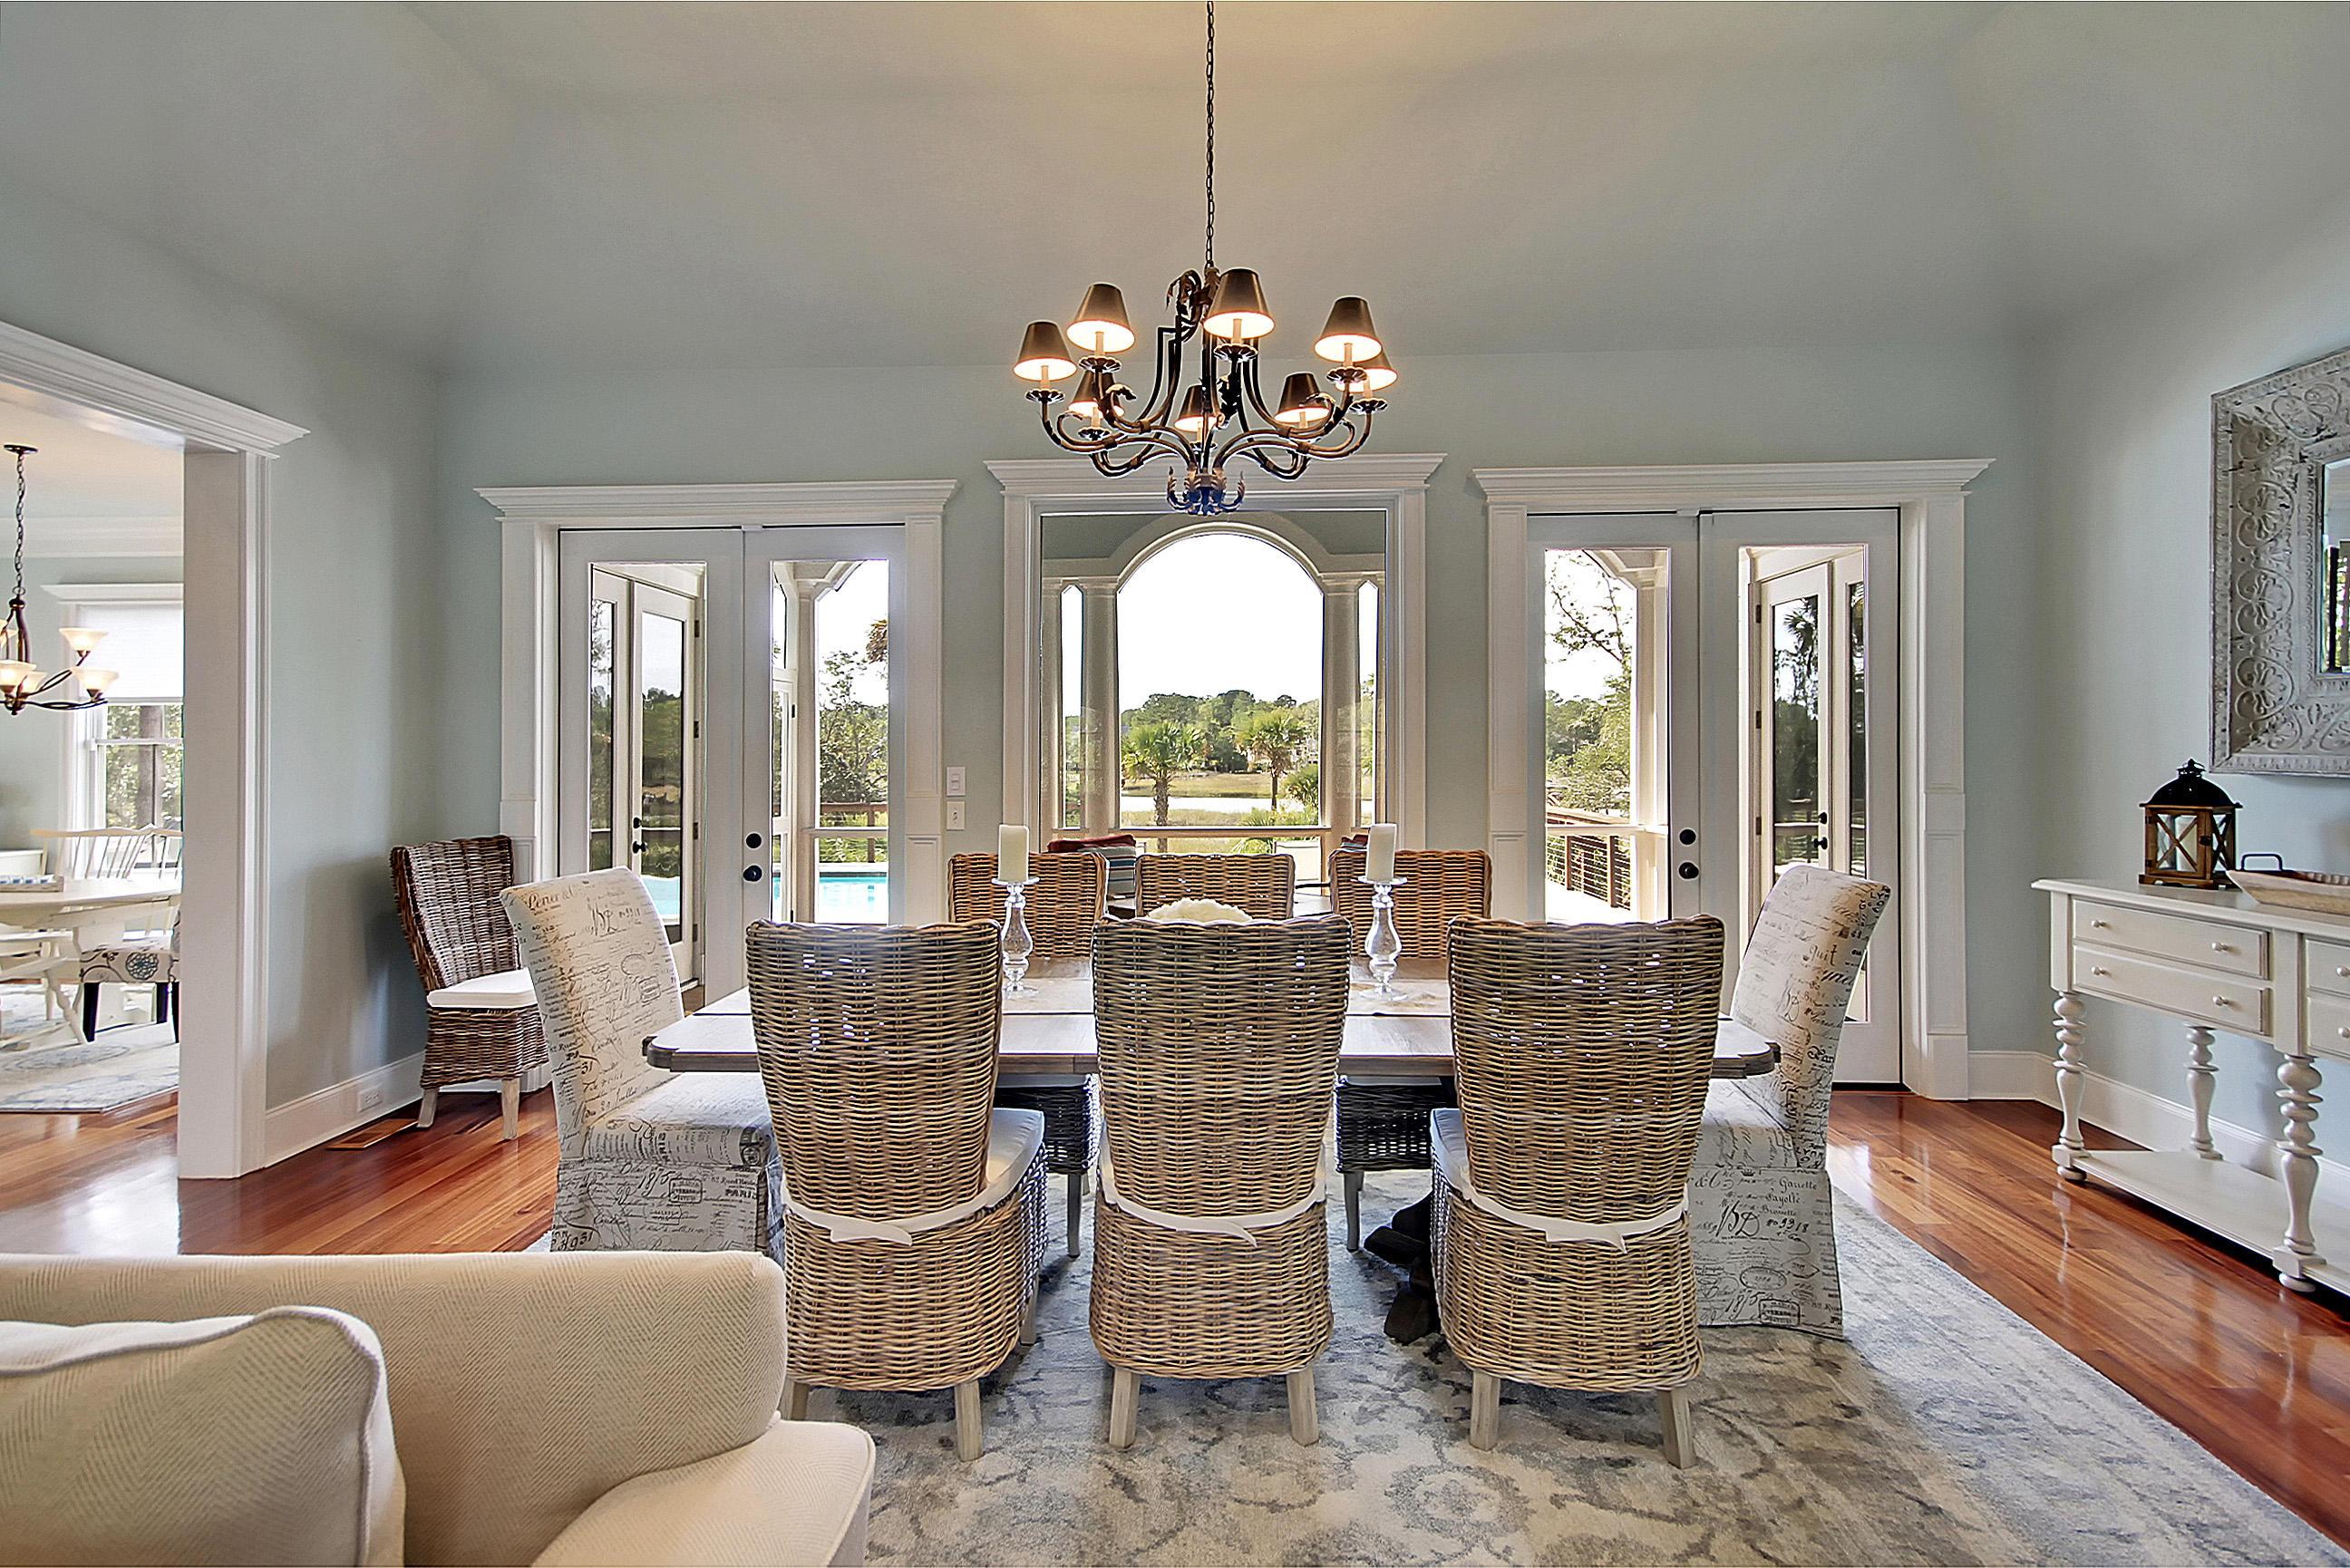 Park West Homes For Sale - 3940 Ashton Shore, Mount Pleasant, SC - 32